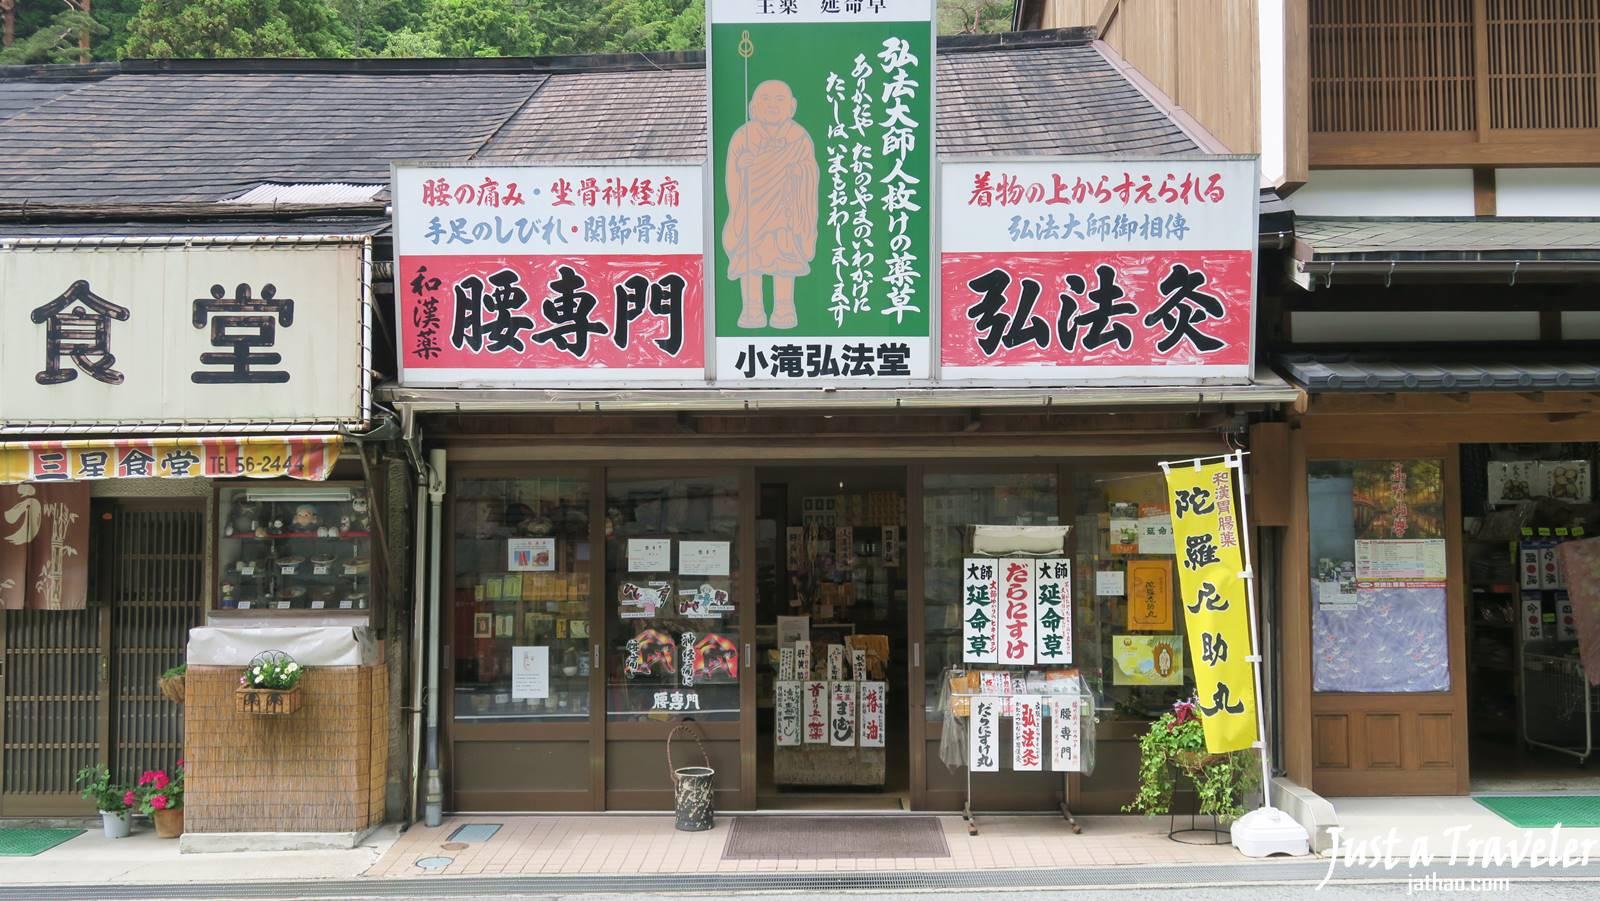 和歌山-高野山-金剛峯寺-高野山景點-高野山交通-行程-攻略-一日遊-二日遊-自由行-旅遊-遊記-Koyasan-Travel-Japan-日本